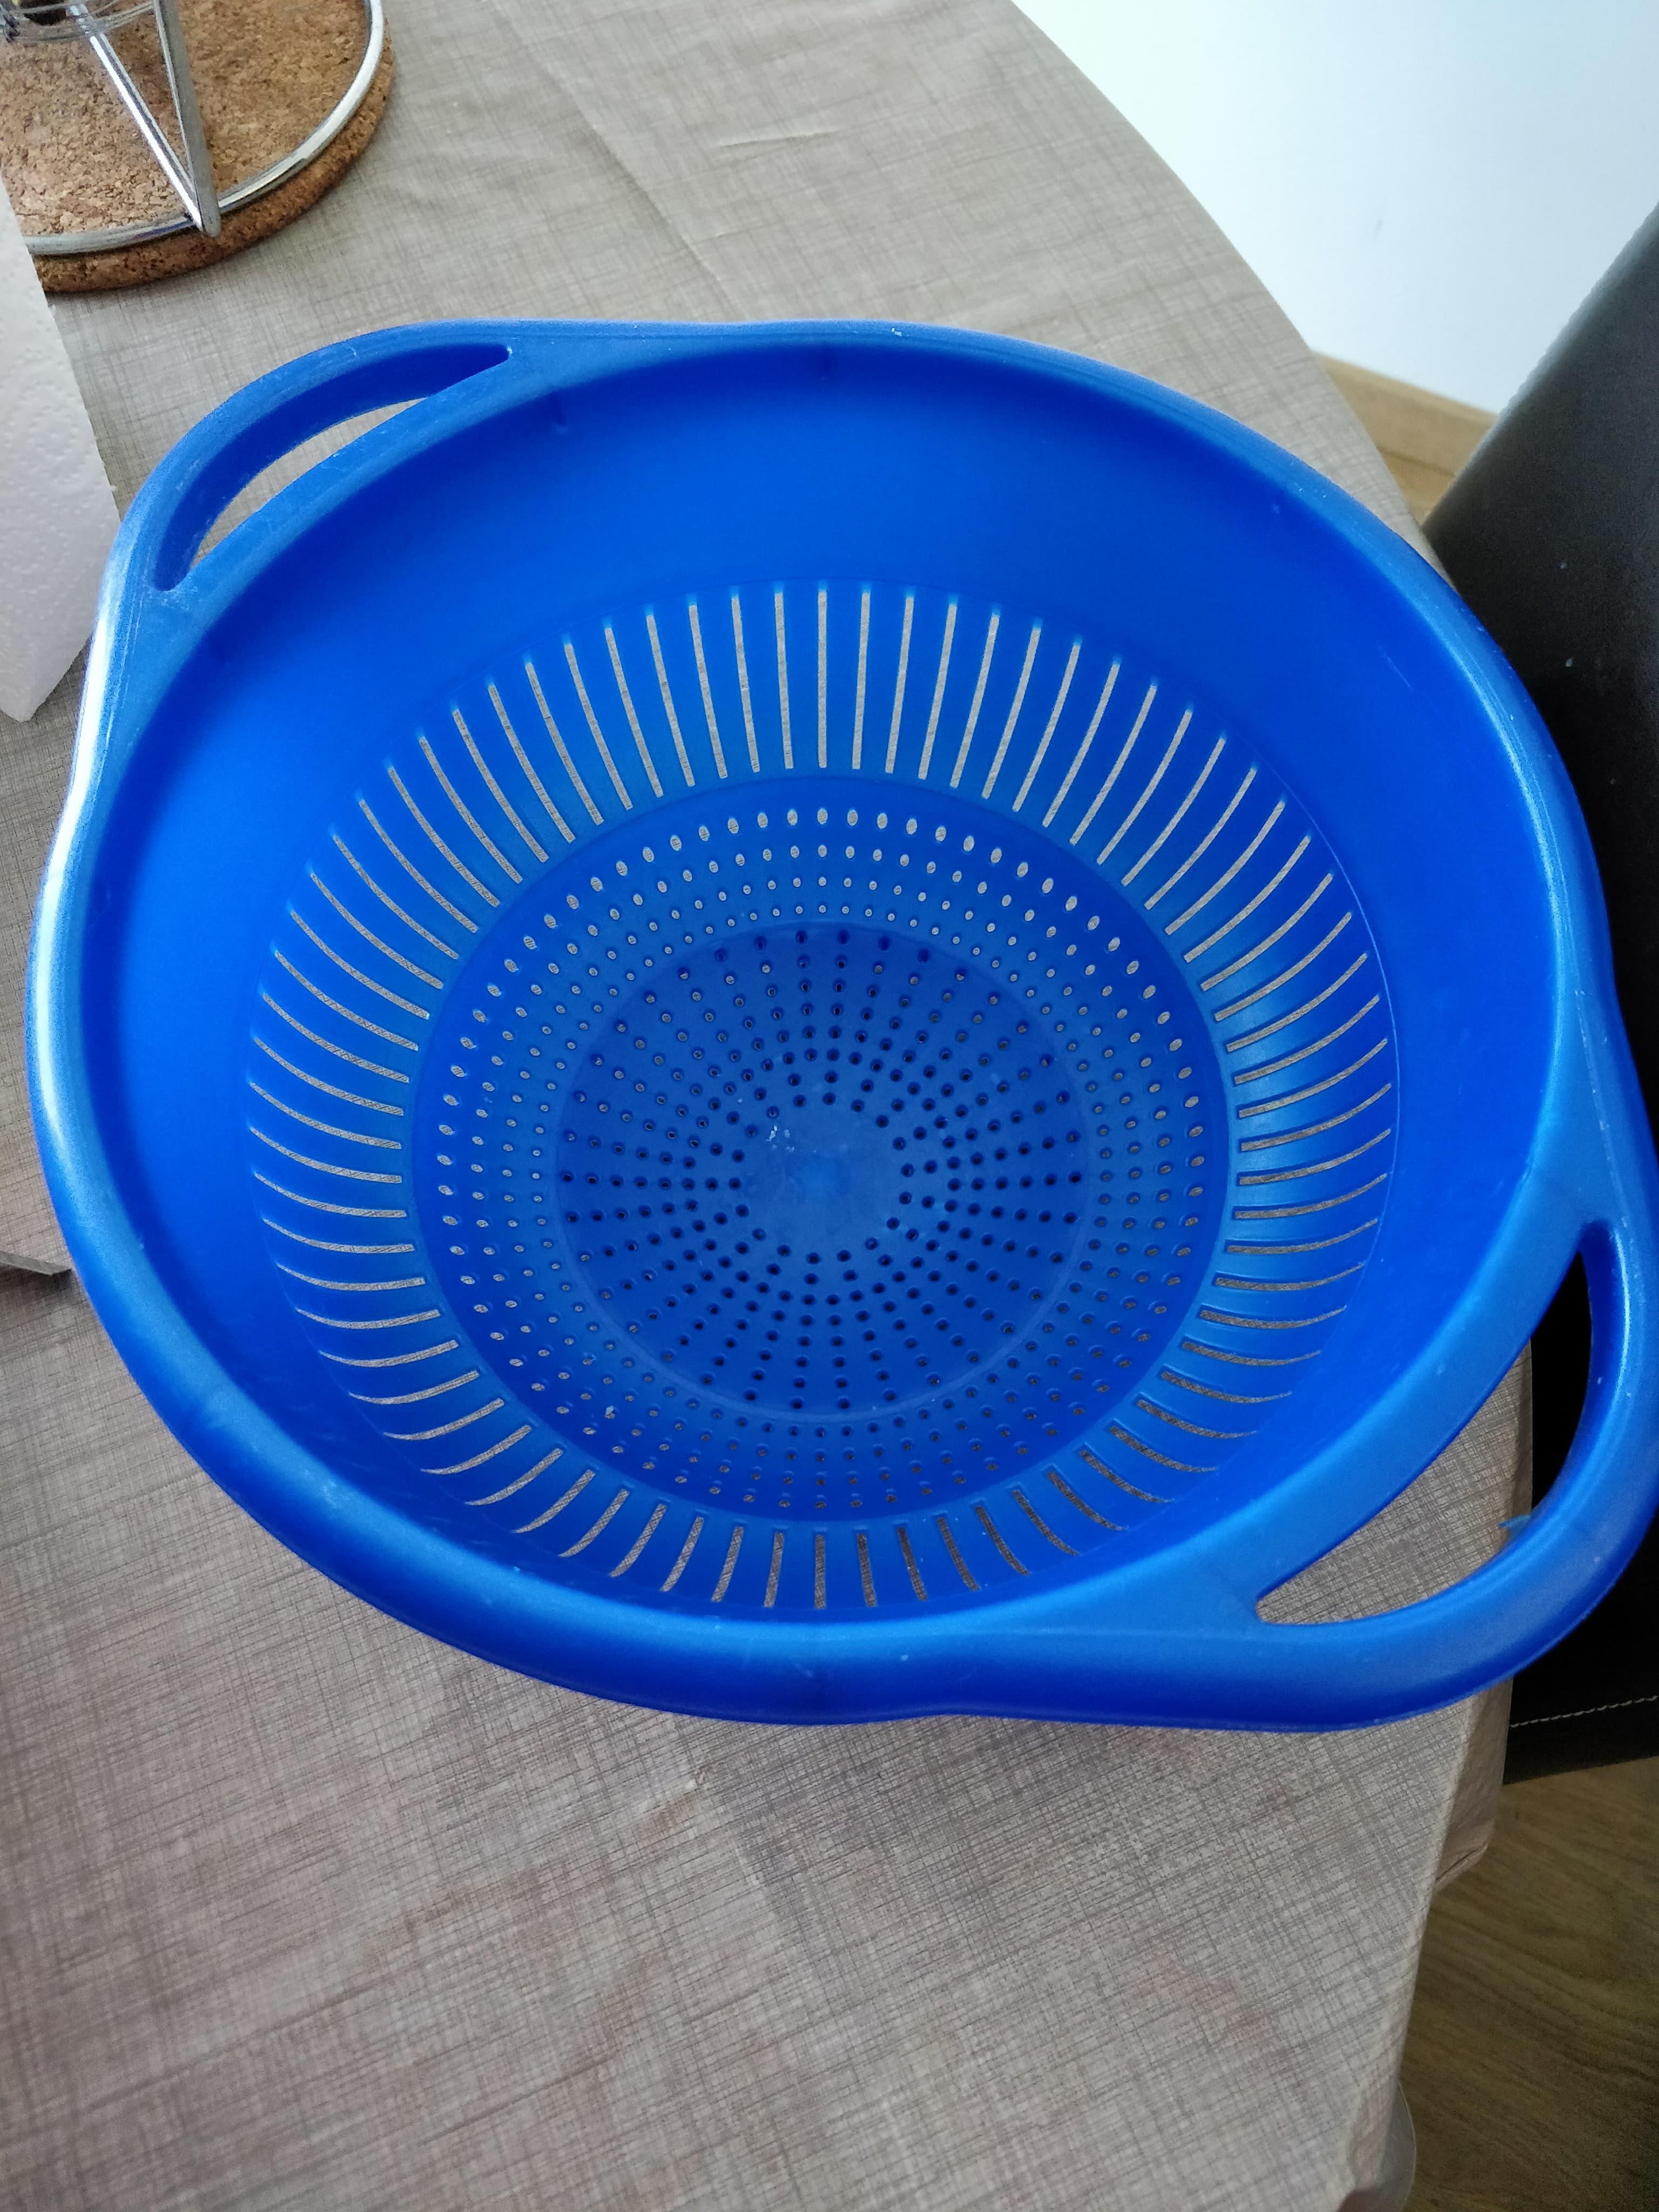 troc de troc grande passoire en plastique bleu image 0